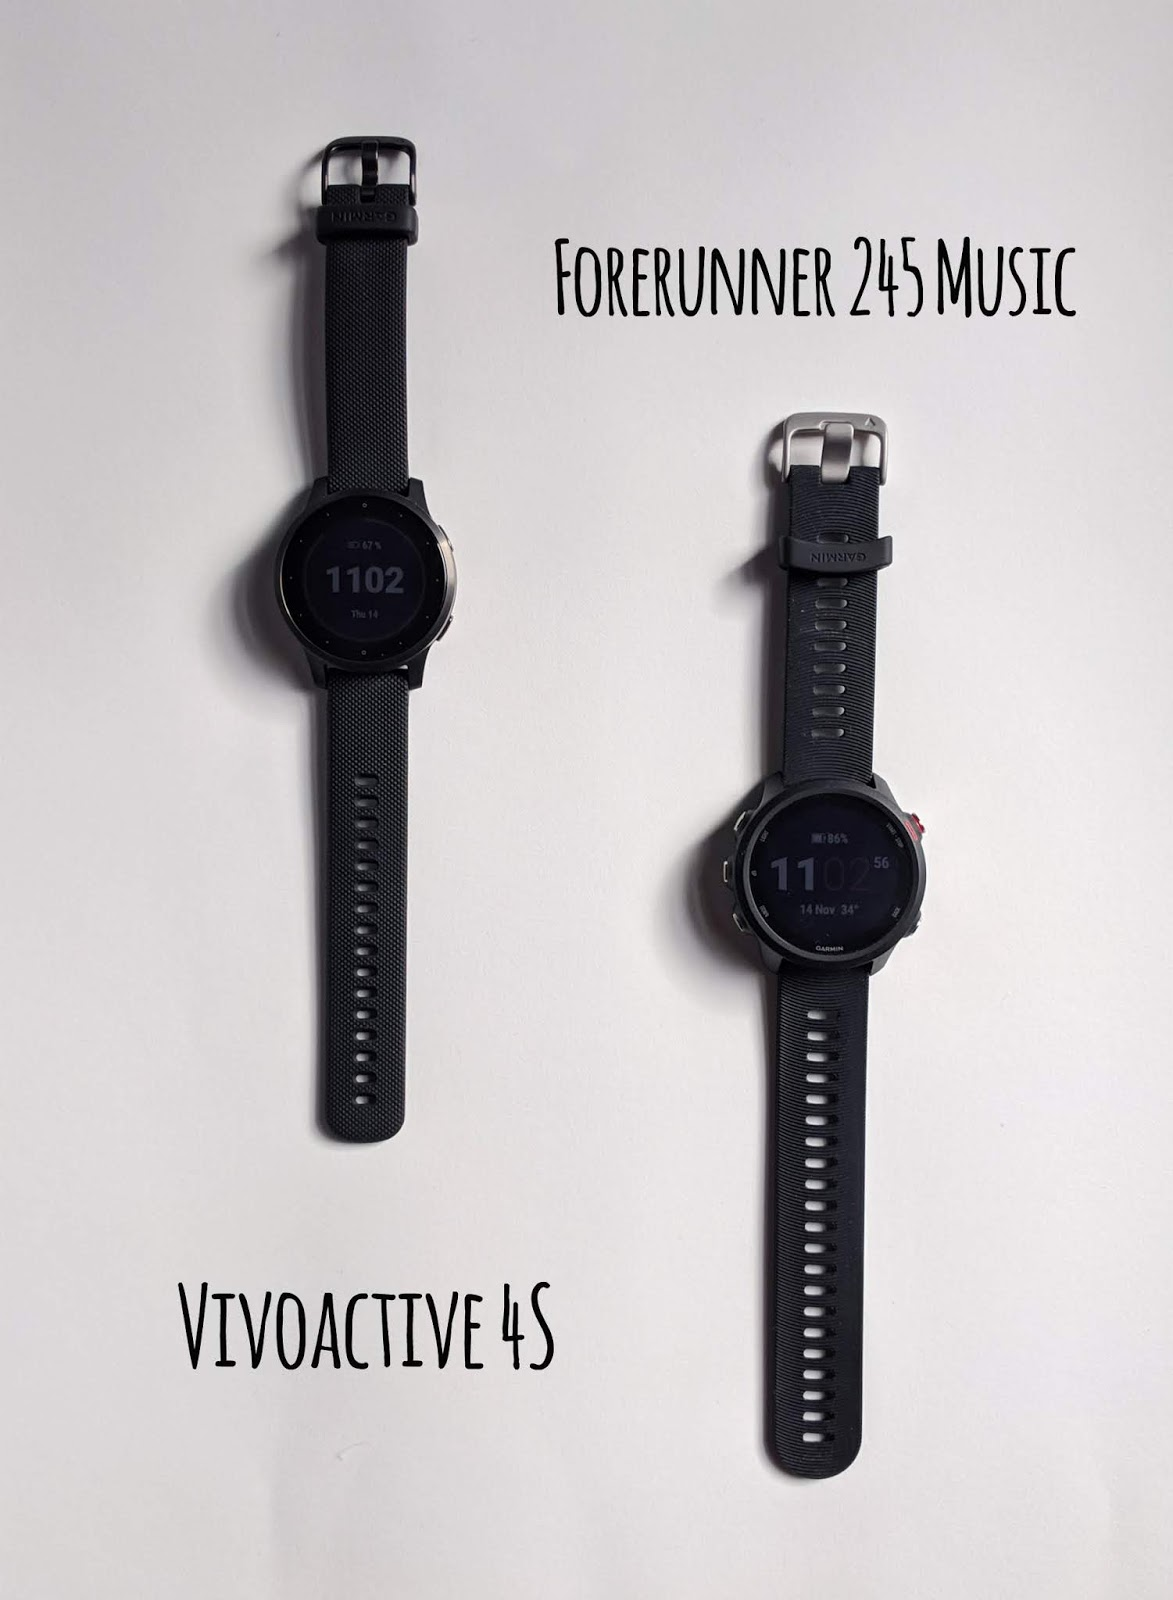 garmin forerunner 245 music vs. vivoactive 4s